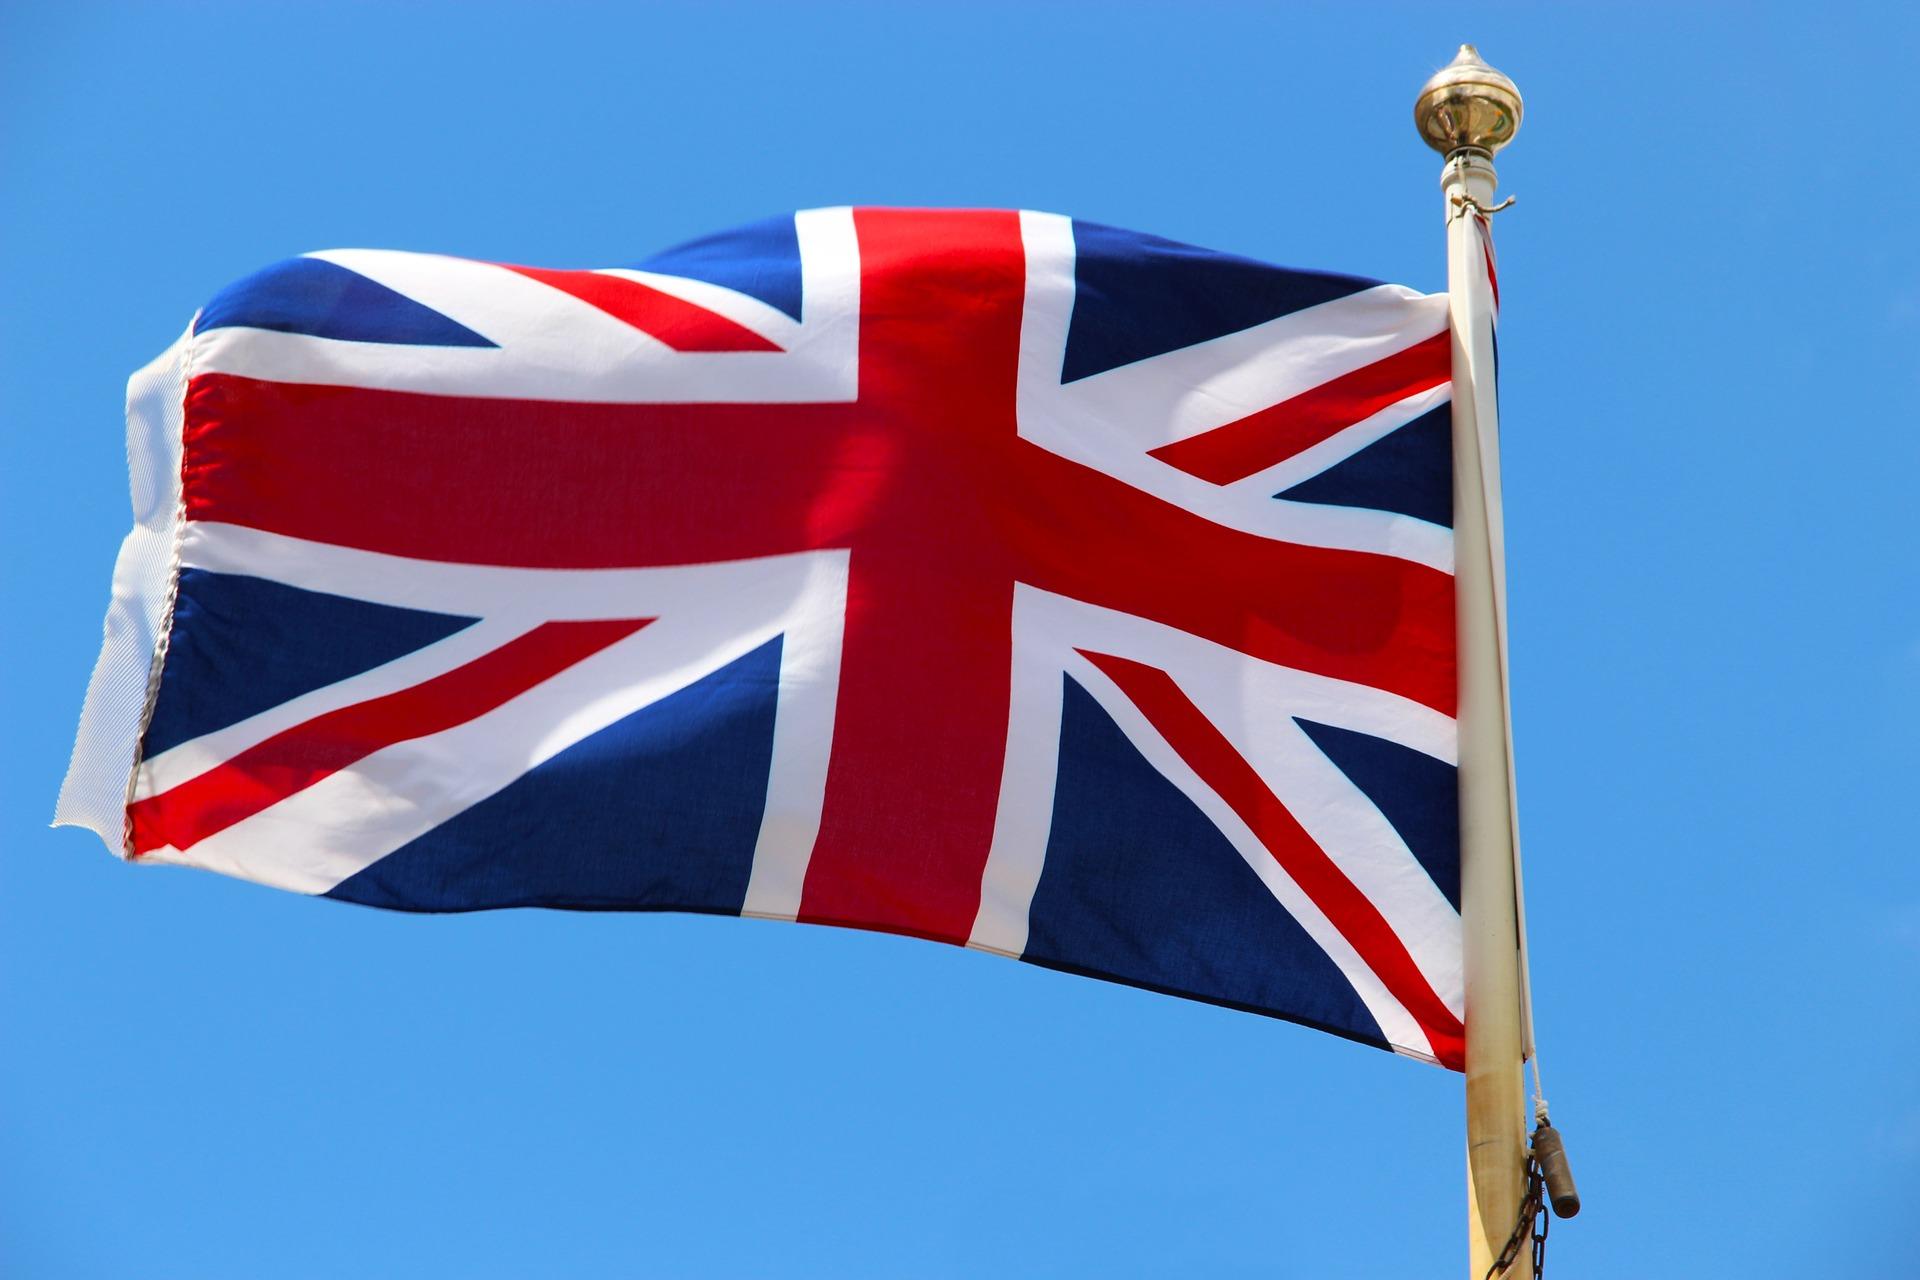 flag-2405962_1920.jpg